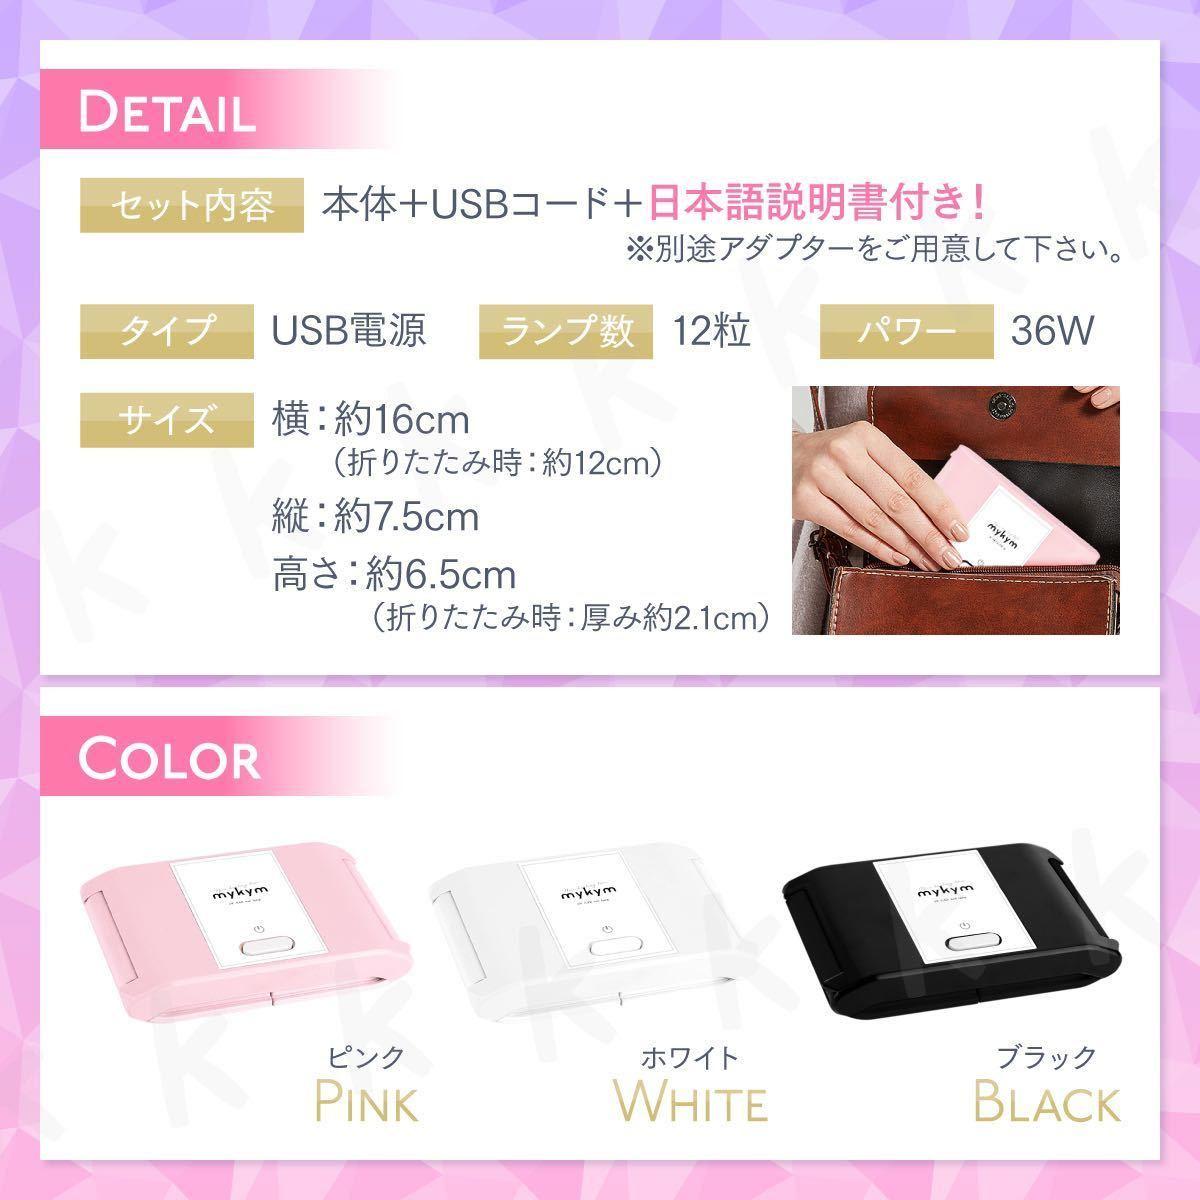 ネイルドライヤー 日本語説明書 2色ホログラムセット BLACK mykym正規品 ジェルネイル レジンクラフト硬化用ライト 送料無料